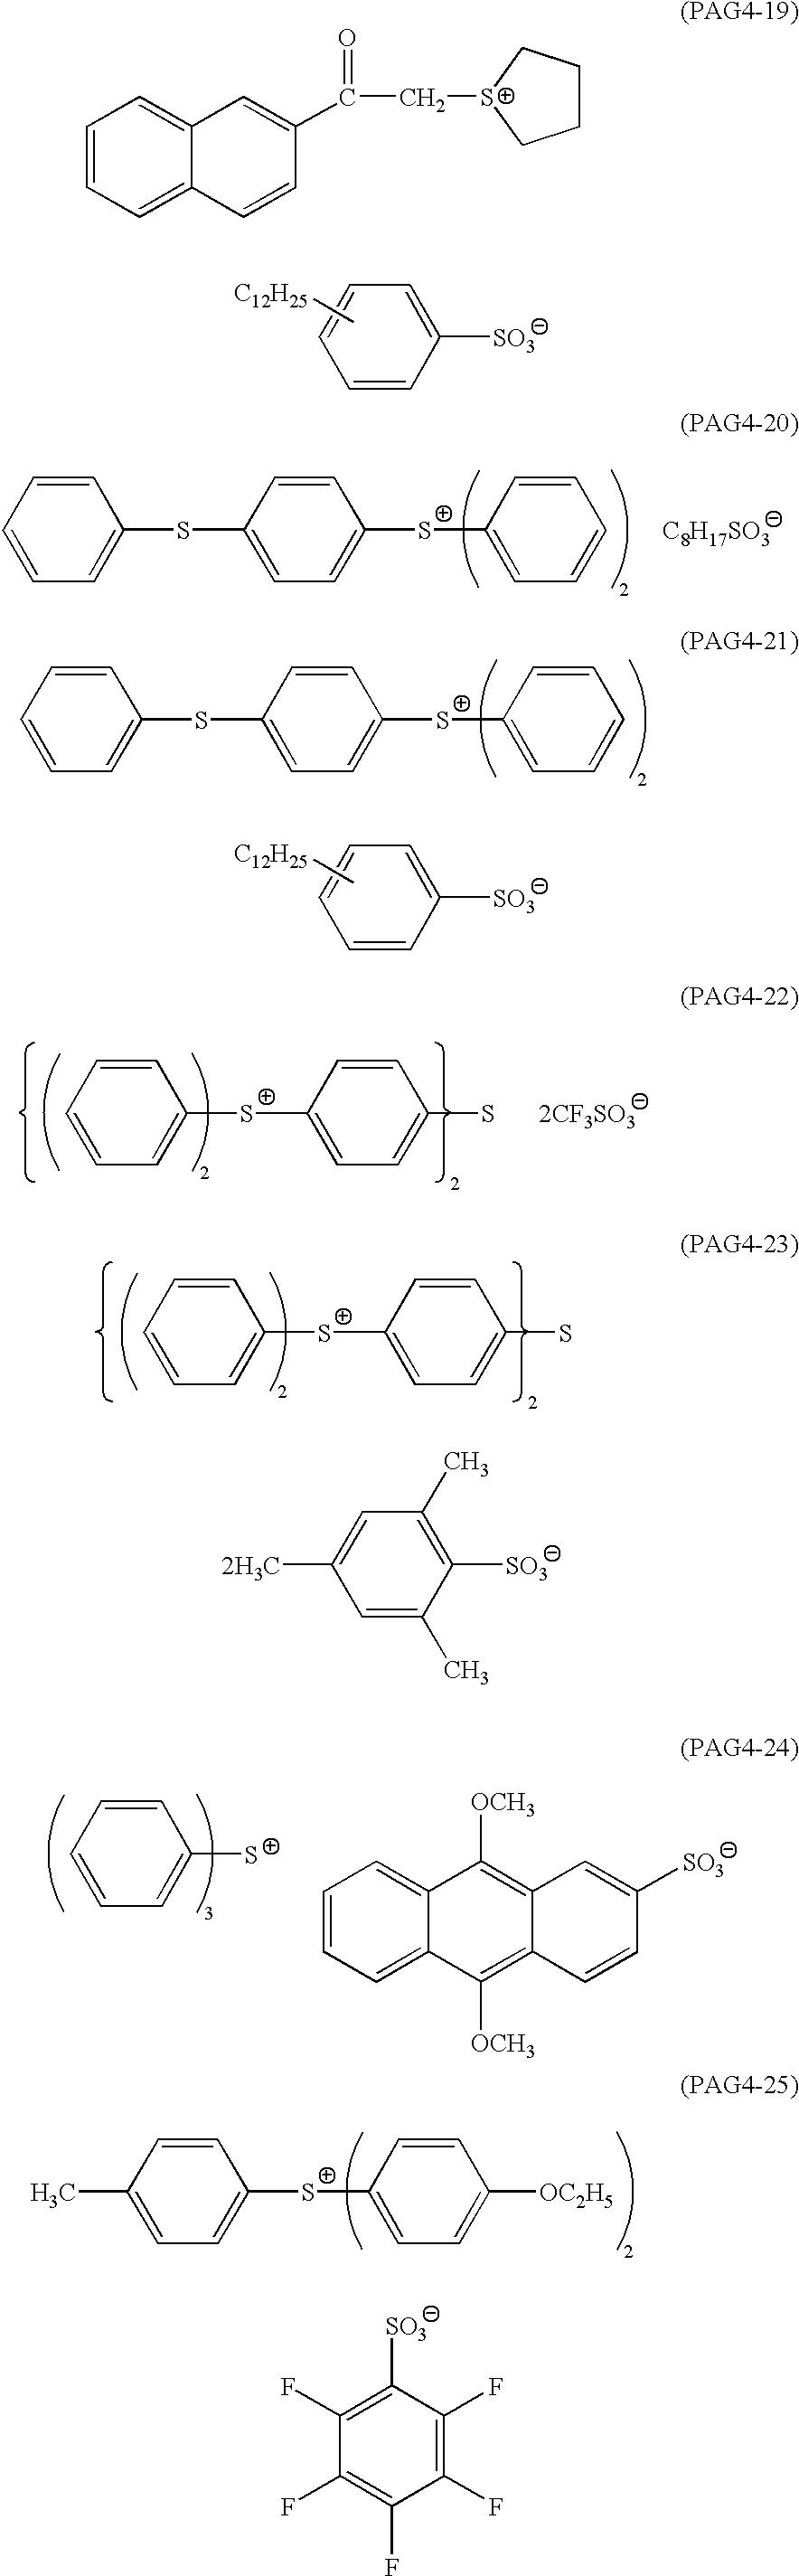 Figure US06492091-20021210-C00011